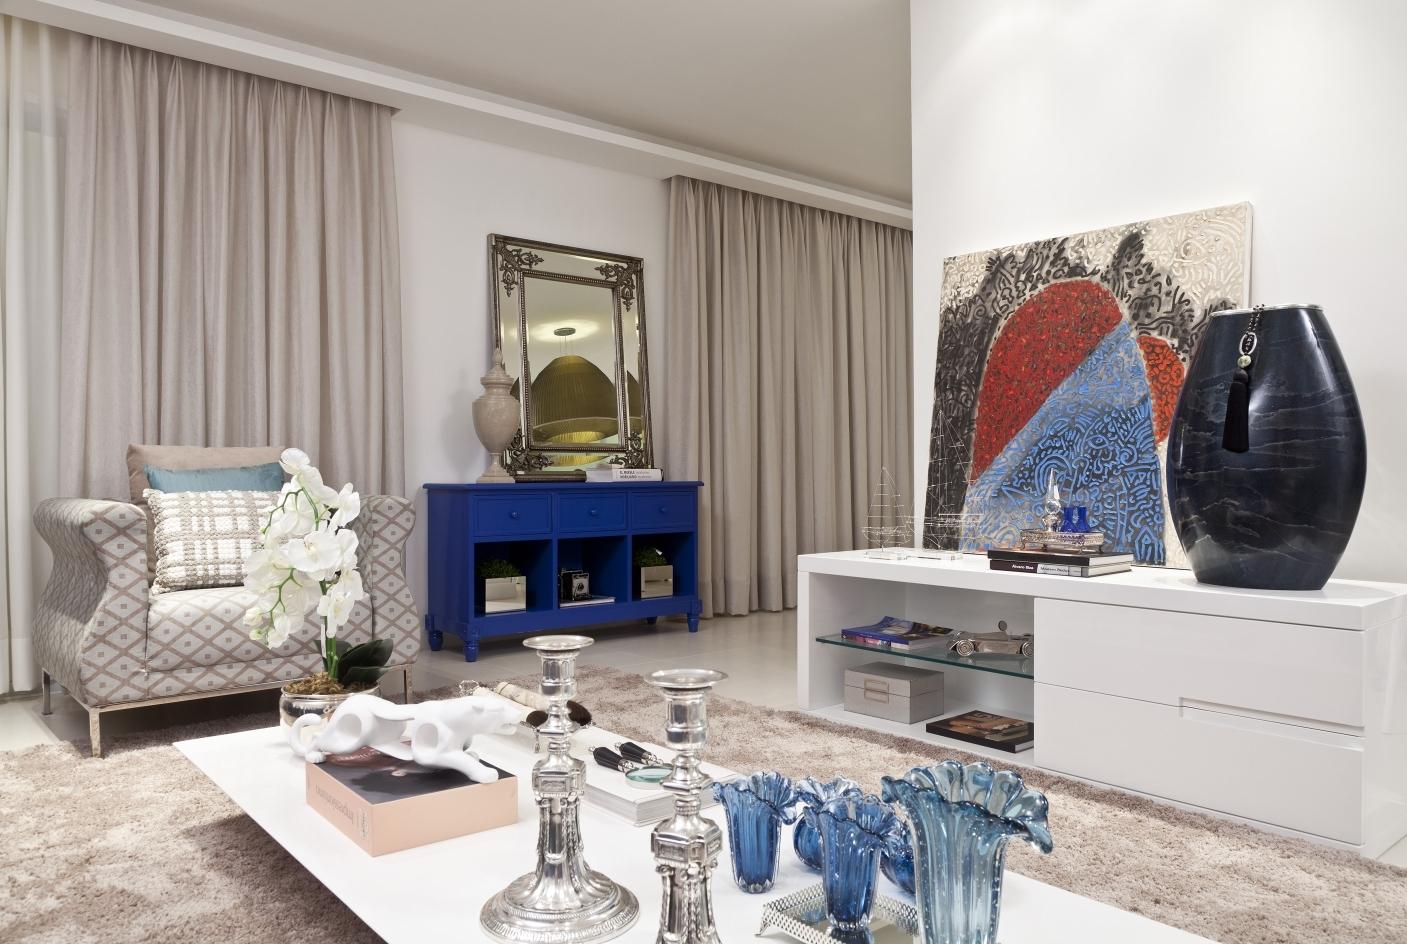 Elementos decorativos em tons de azul